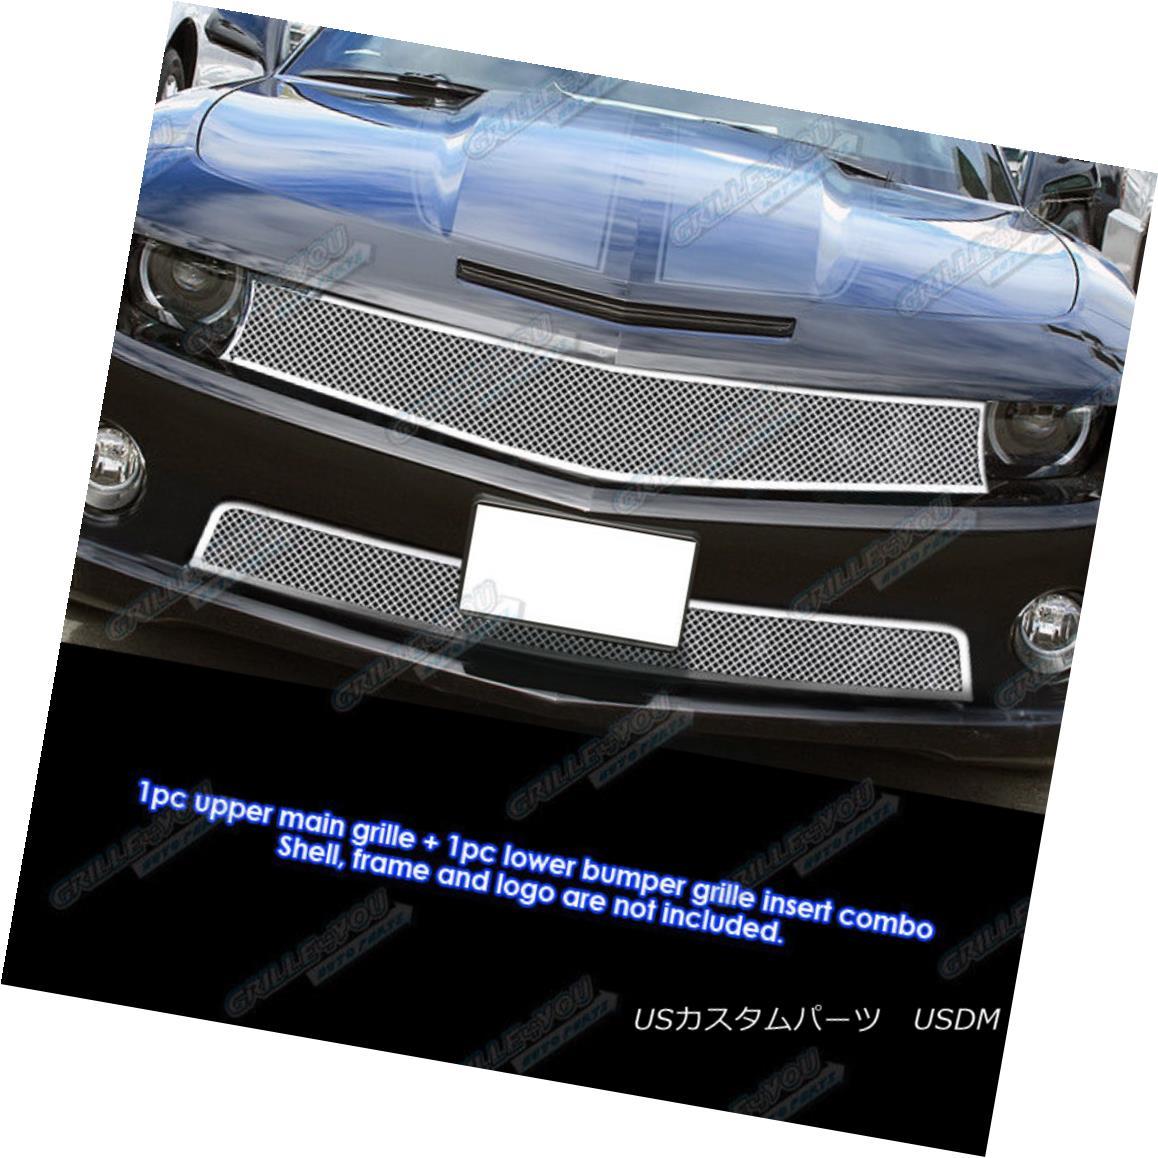 グリル Fits 2010-2013 Chevy Camaro SS V8 Stainless Steel Mesh Grille Insert Combo フィット2010-2013シボレーカマロSS V8ステンレスメッシュグリルインサートコンボ